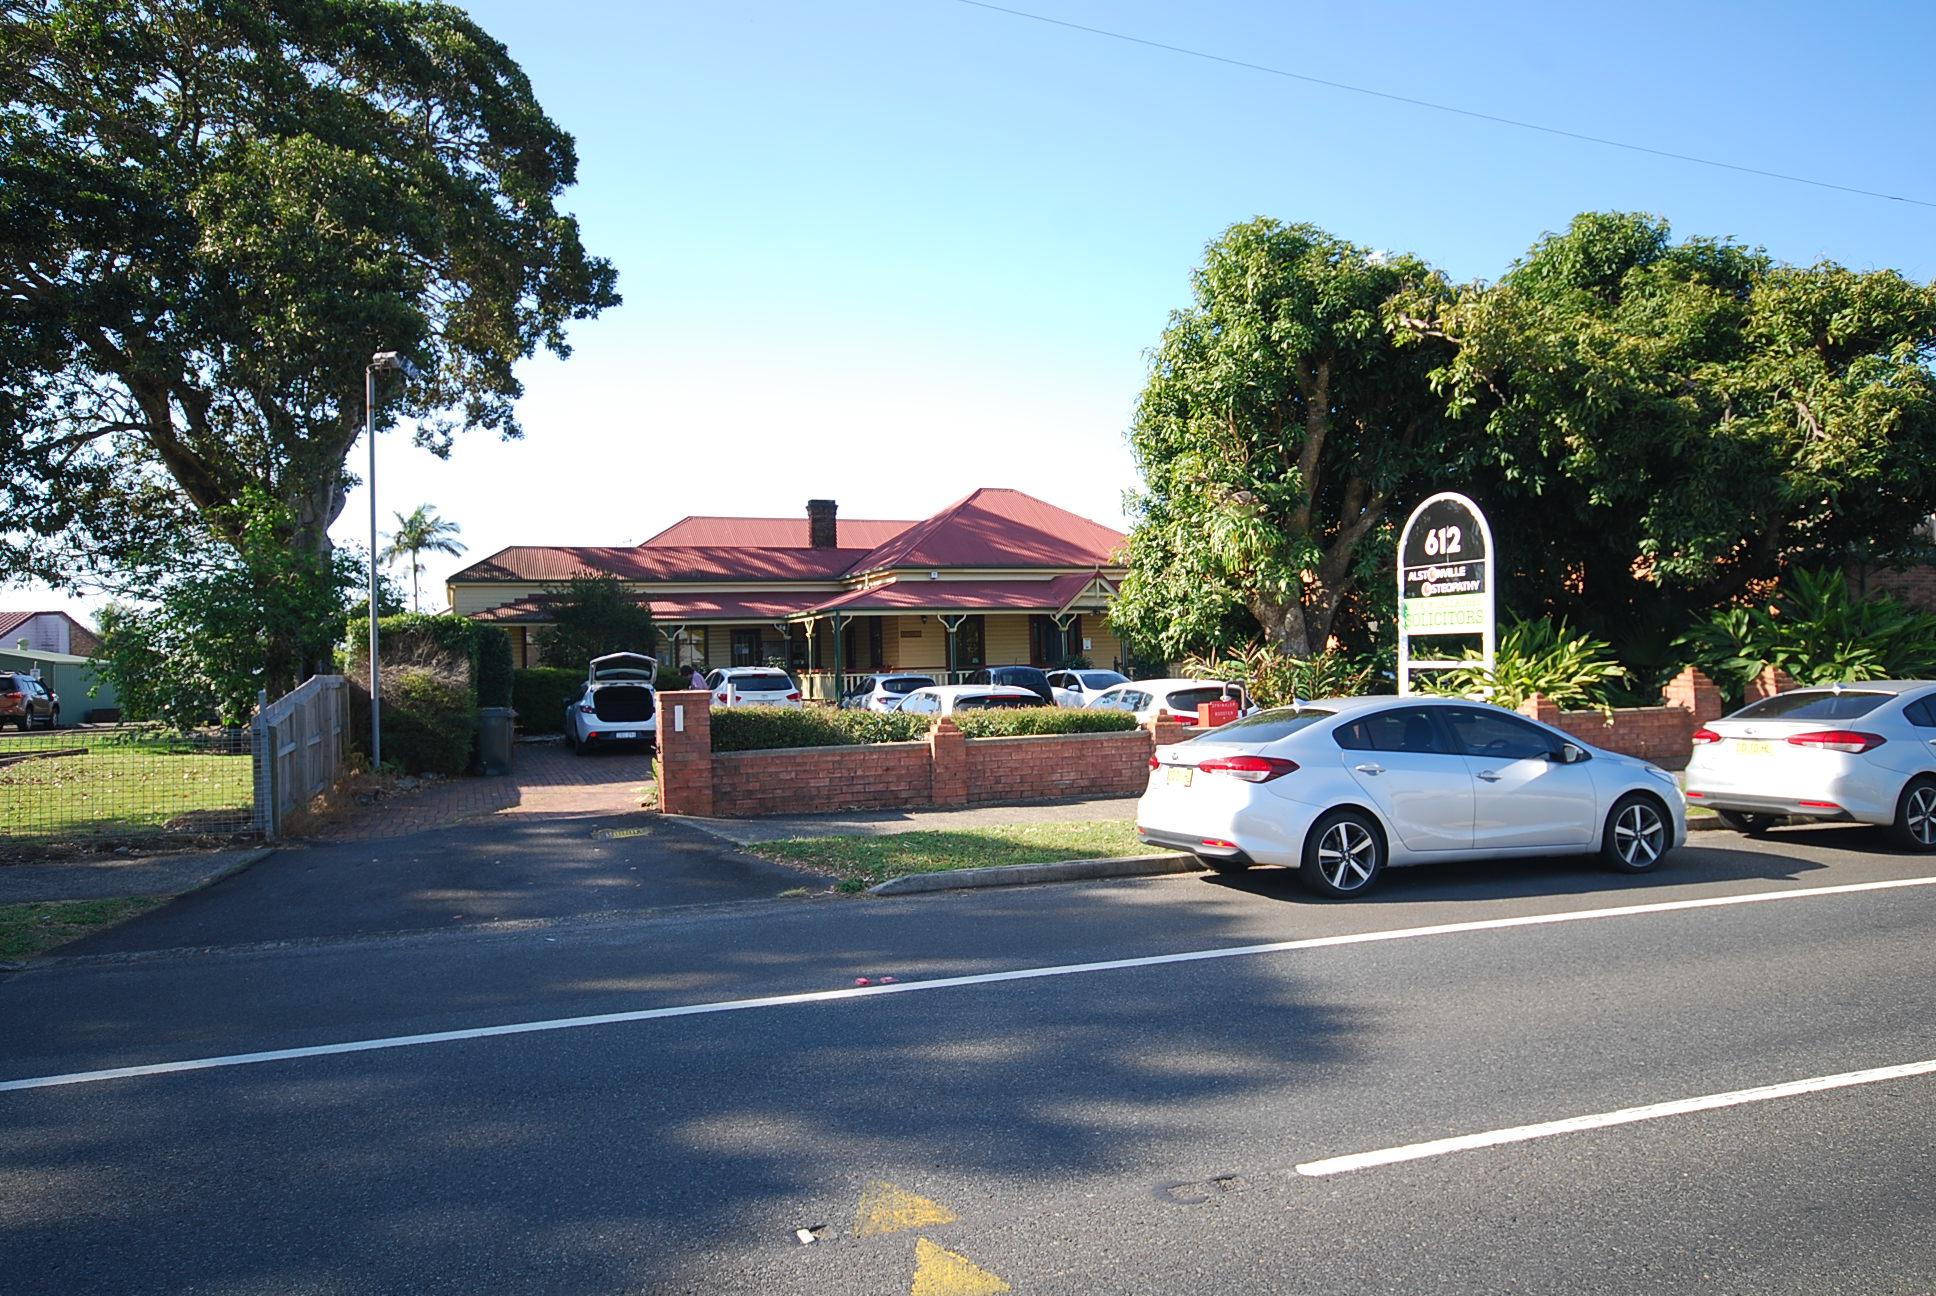 612 Ballina Road